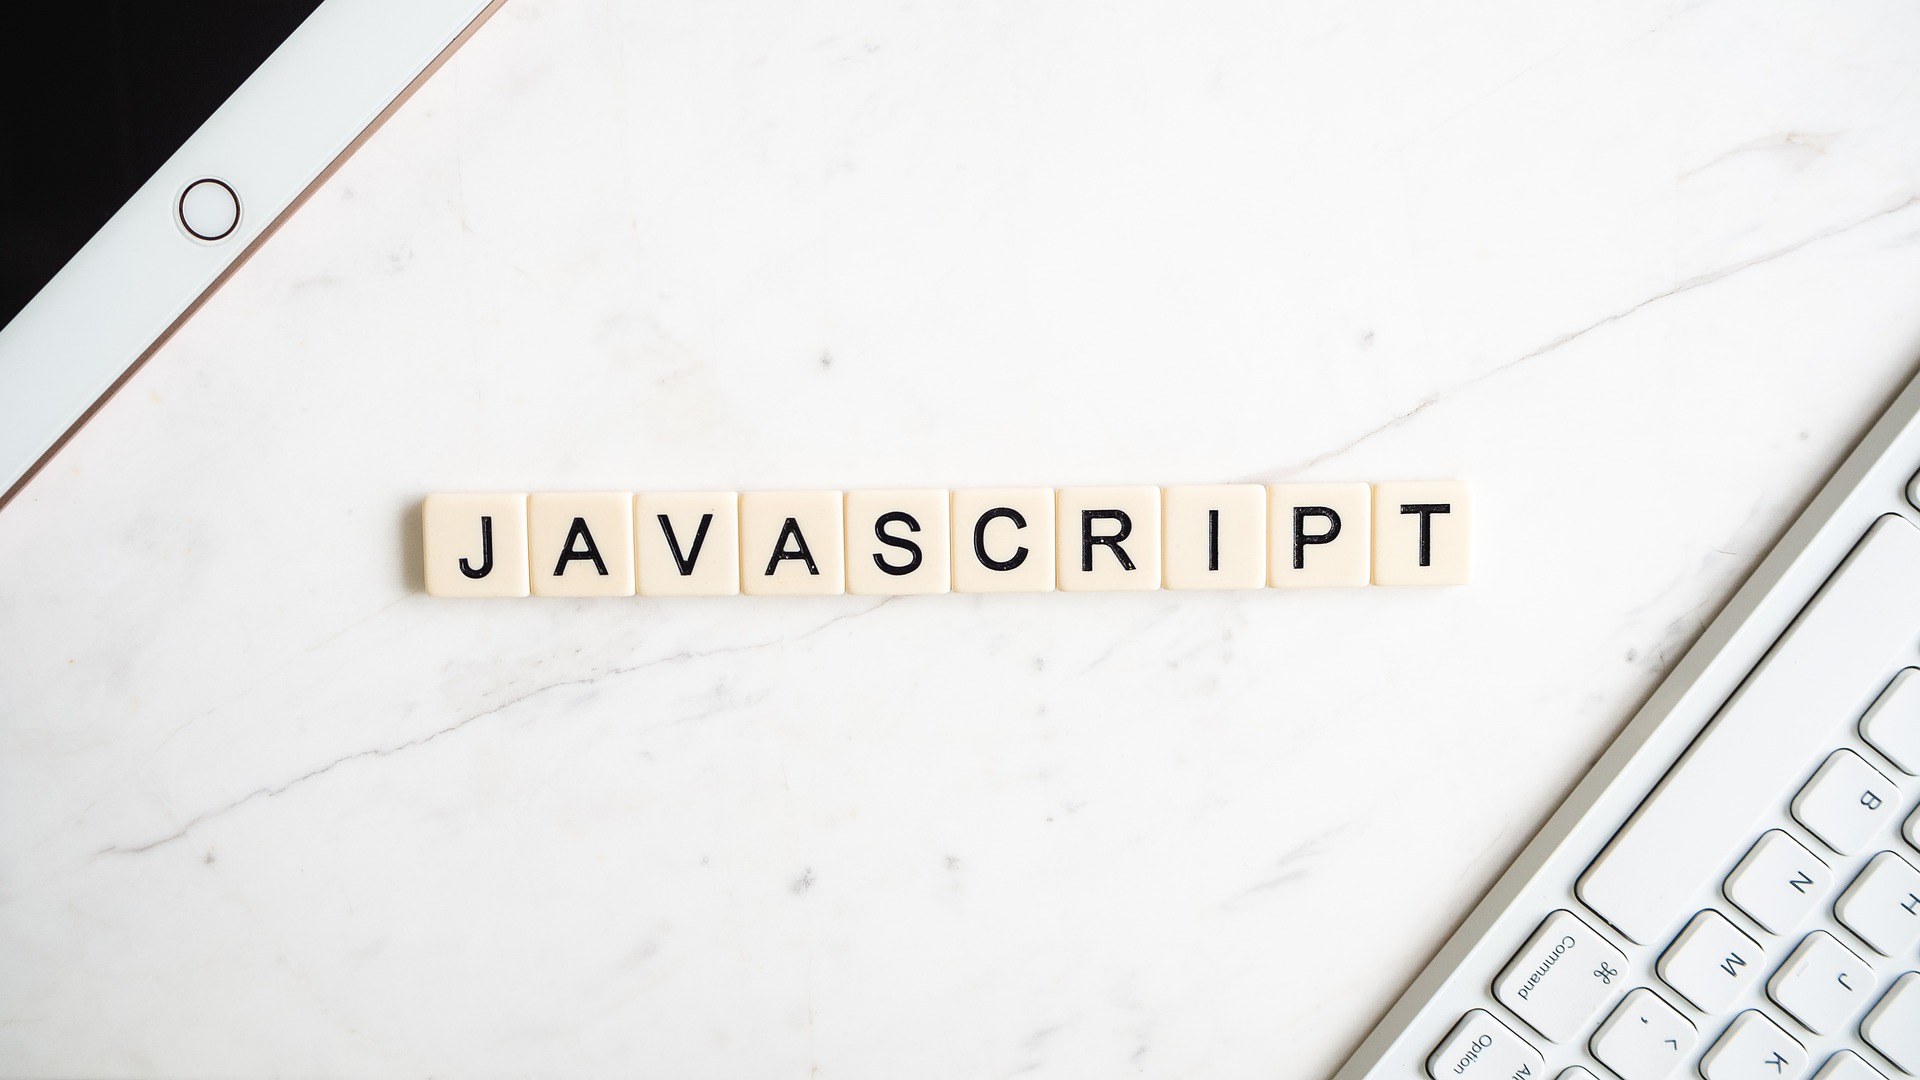 javascript-4523100_1920